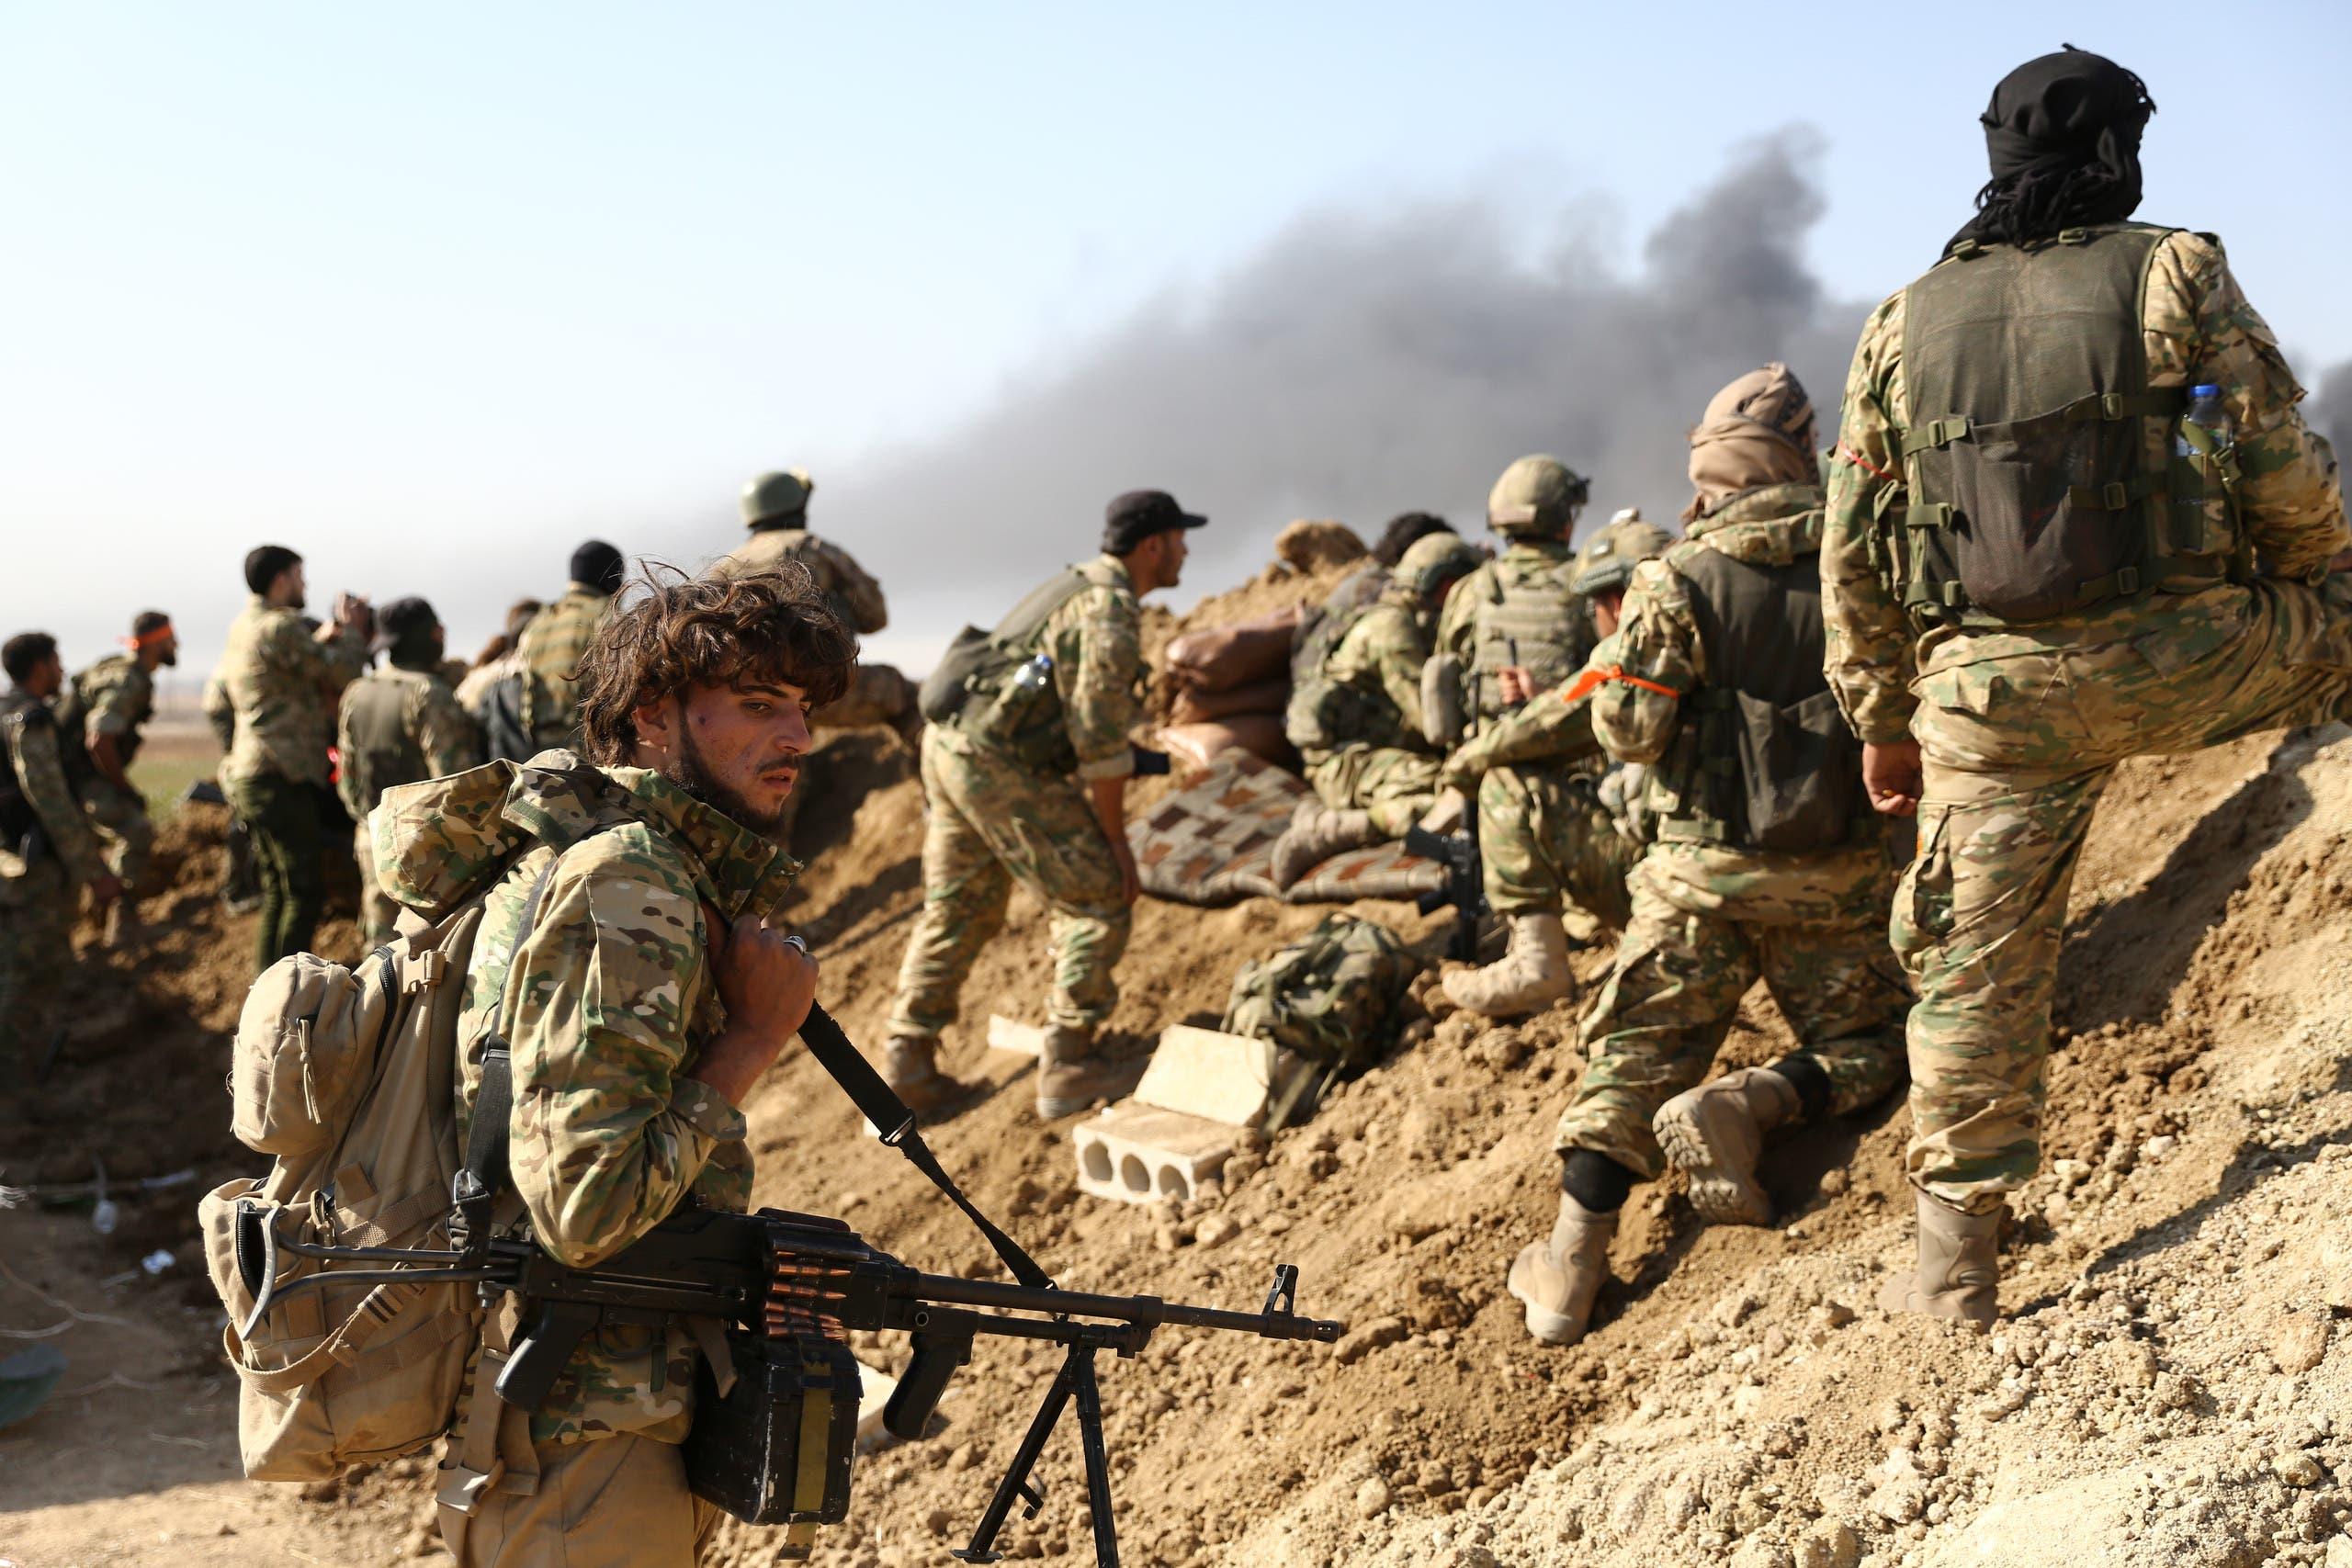 قوات تركية وفصائل مسلحة موالية لأنقرة من حدود بلدة رأس العين